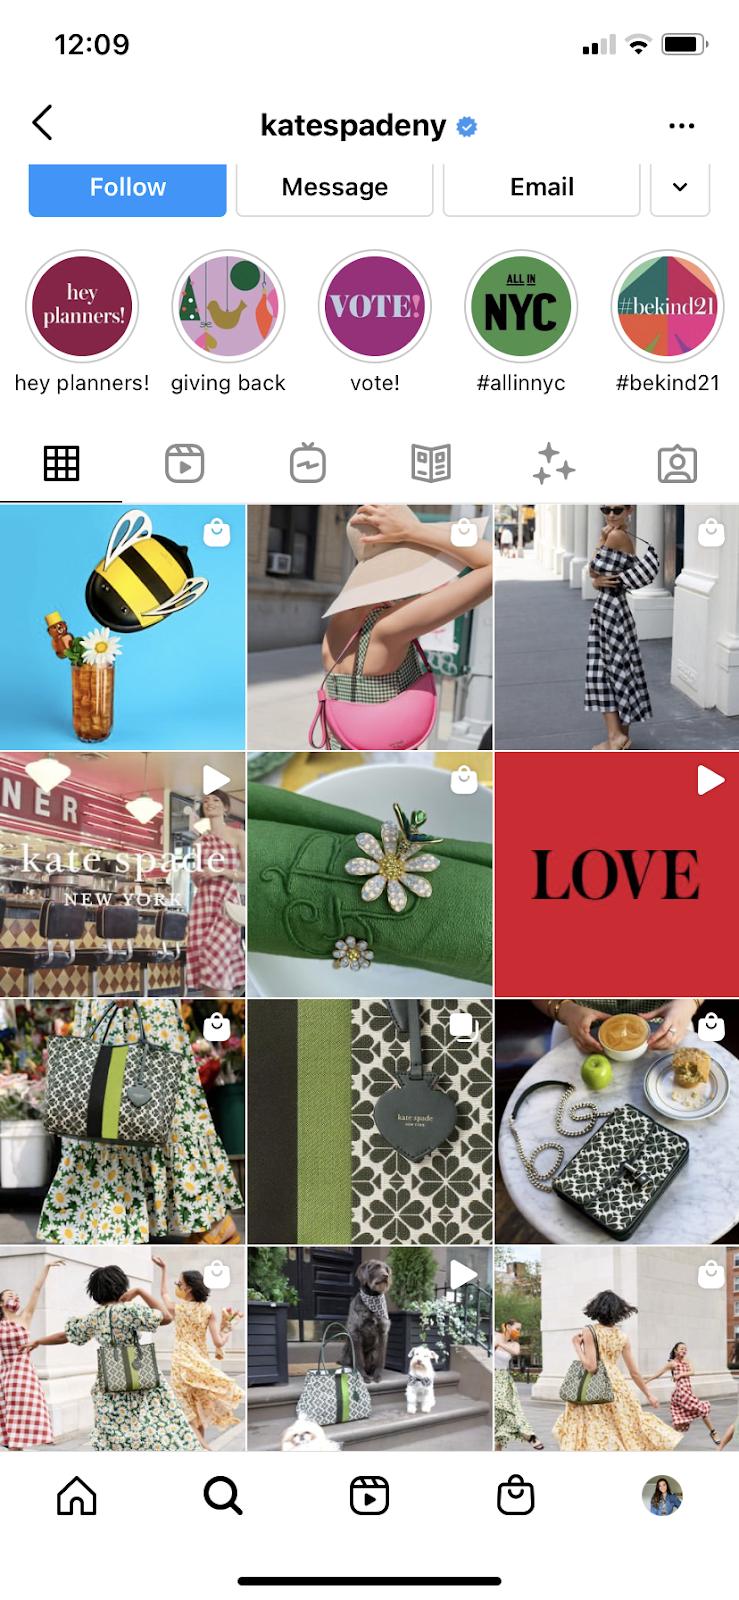 Instagram vibrant brand aesthetic